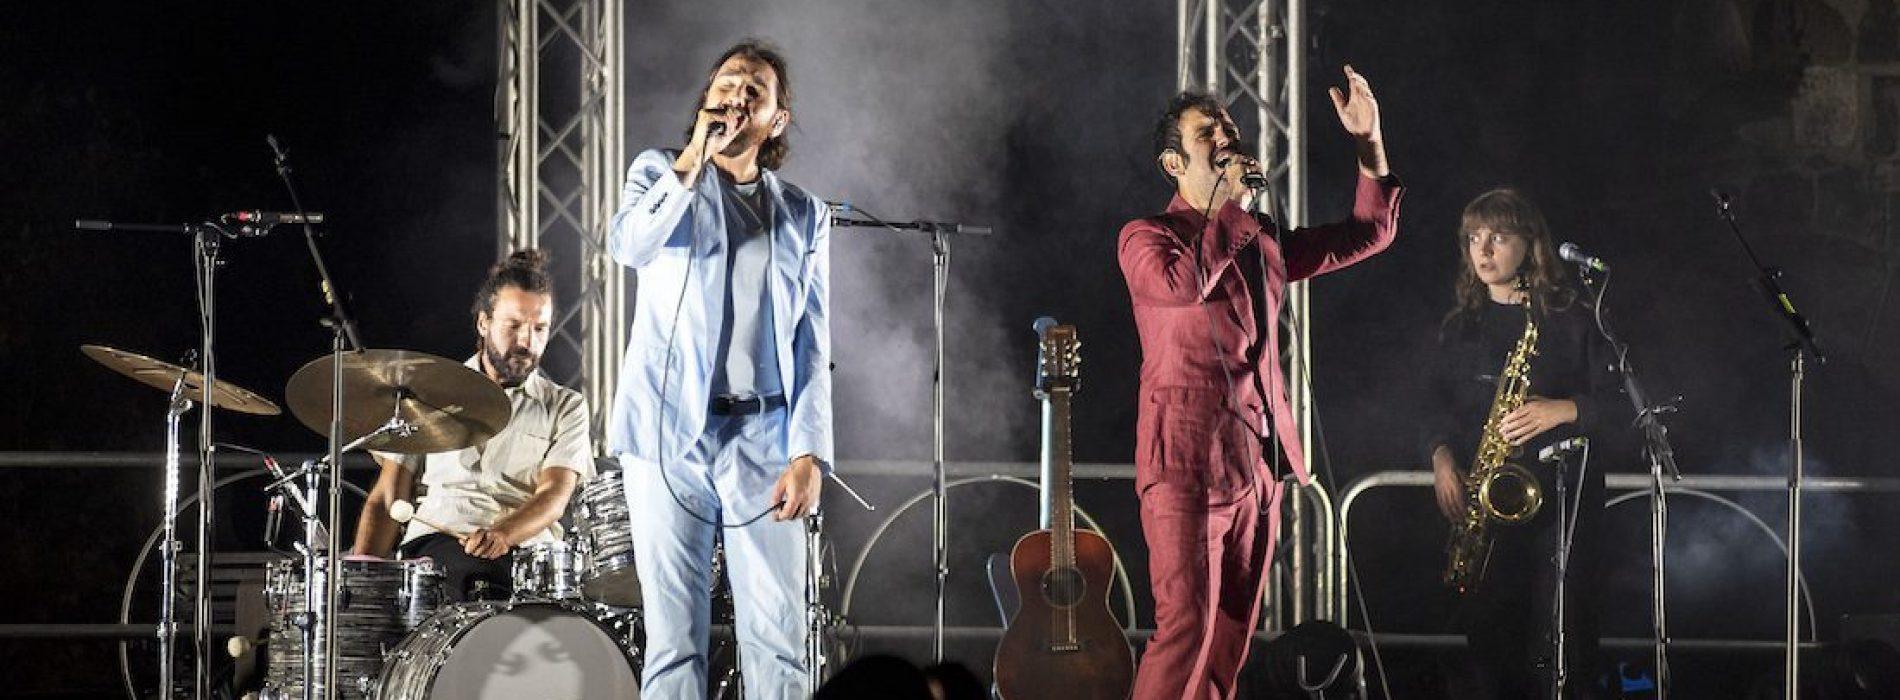 Colapesce e Dimartino, il Borgo va con la musica leggerissima